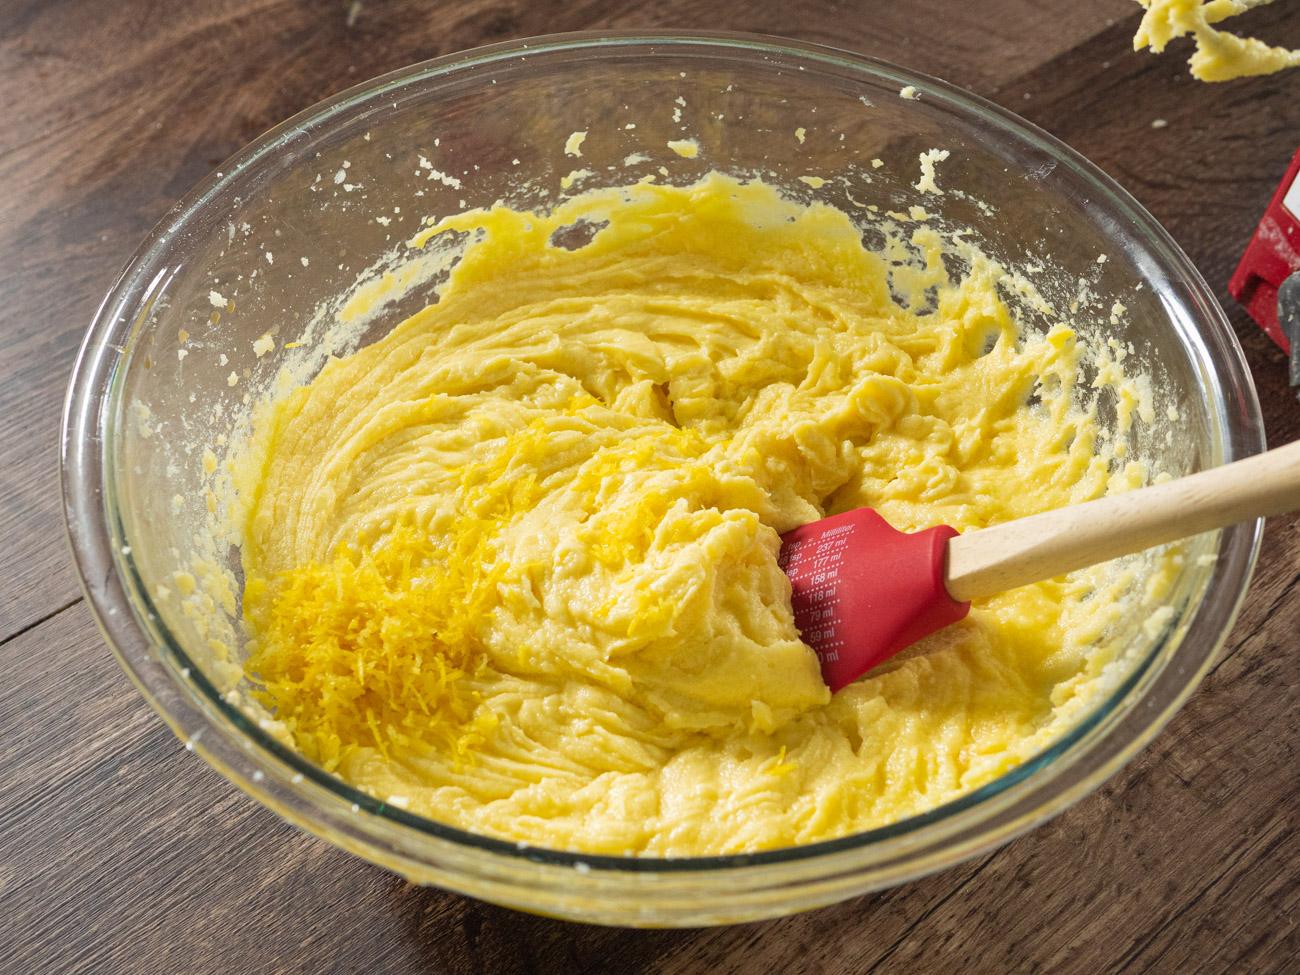 7-Up Pound Cake batter with lemon zest